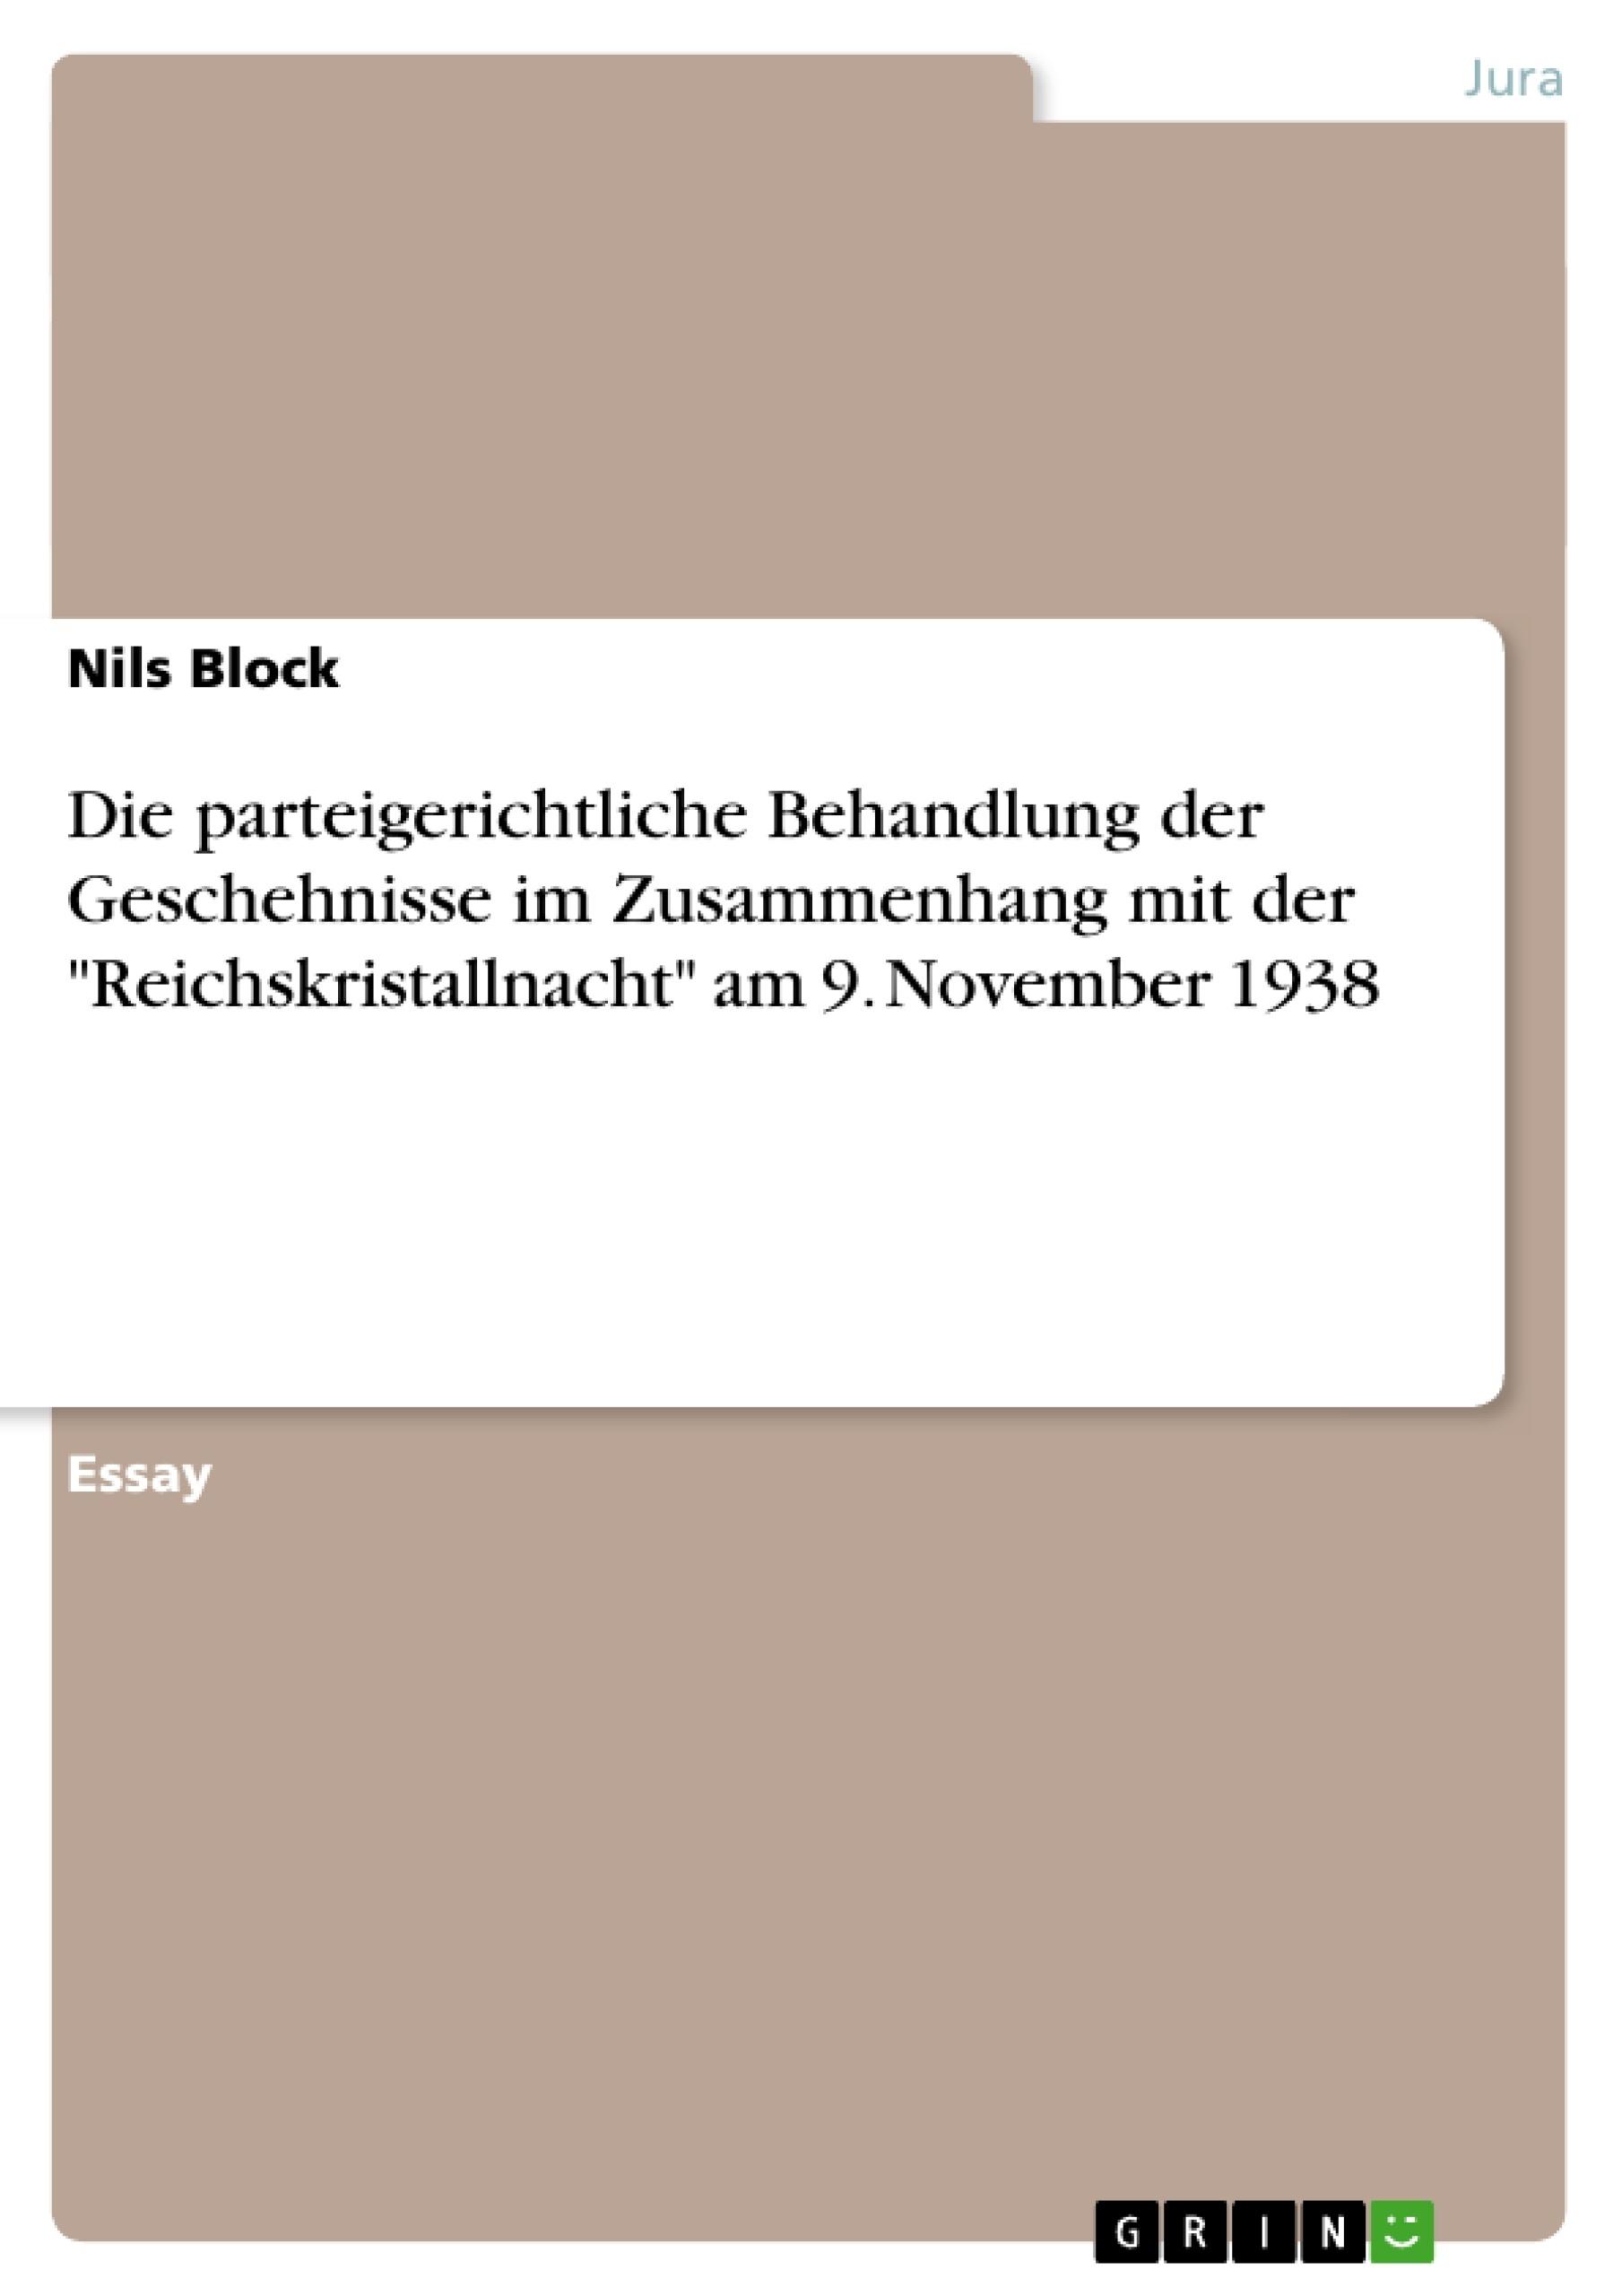 """Titel: Die parteigerichtliche Behandlung der Geschehnisse im Zusammenhang mit der """"Reichskristallnacht"""" am 9. November 1938"""